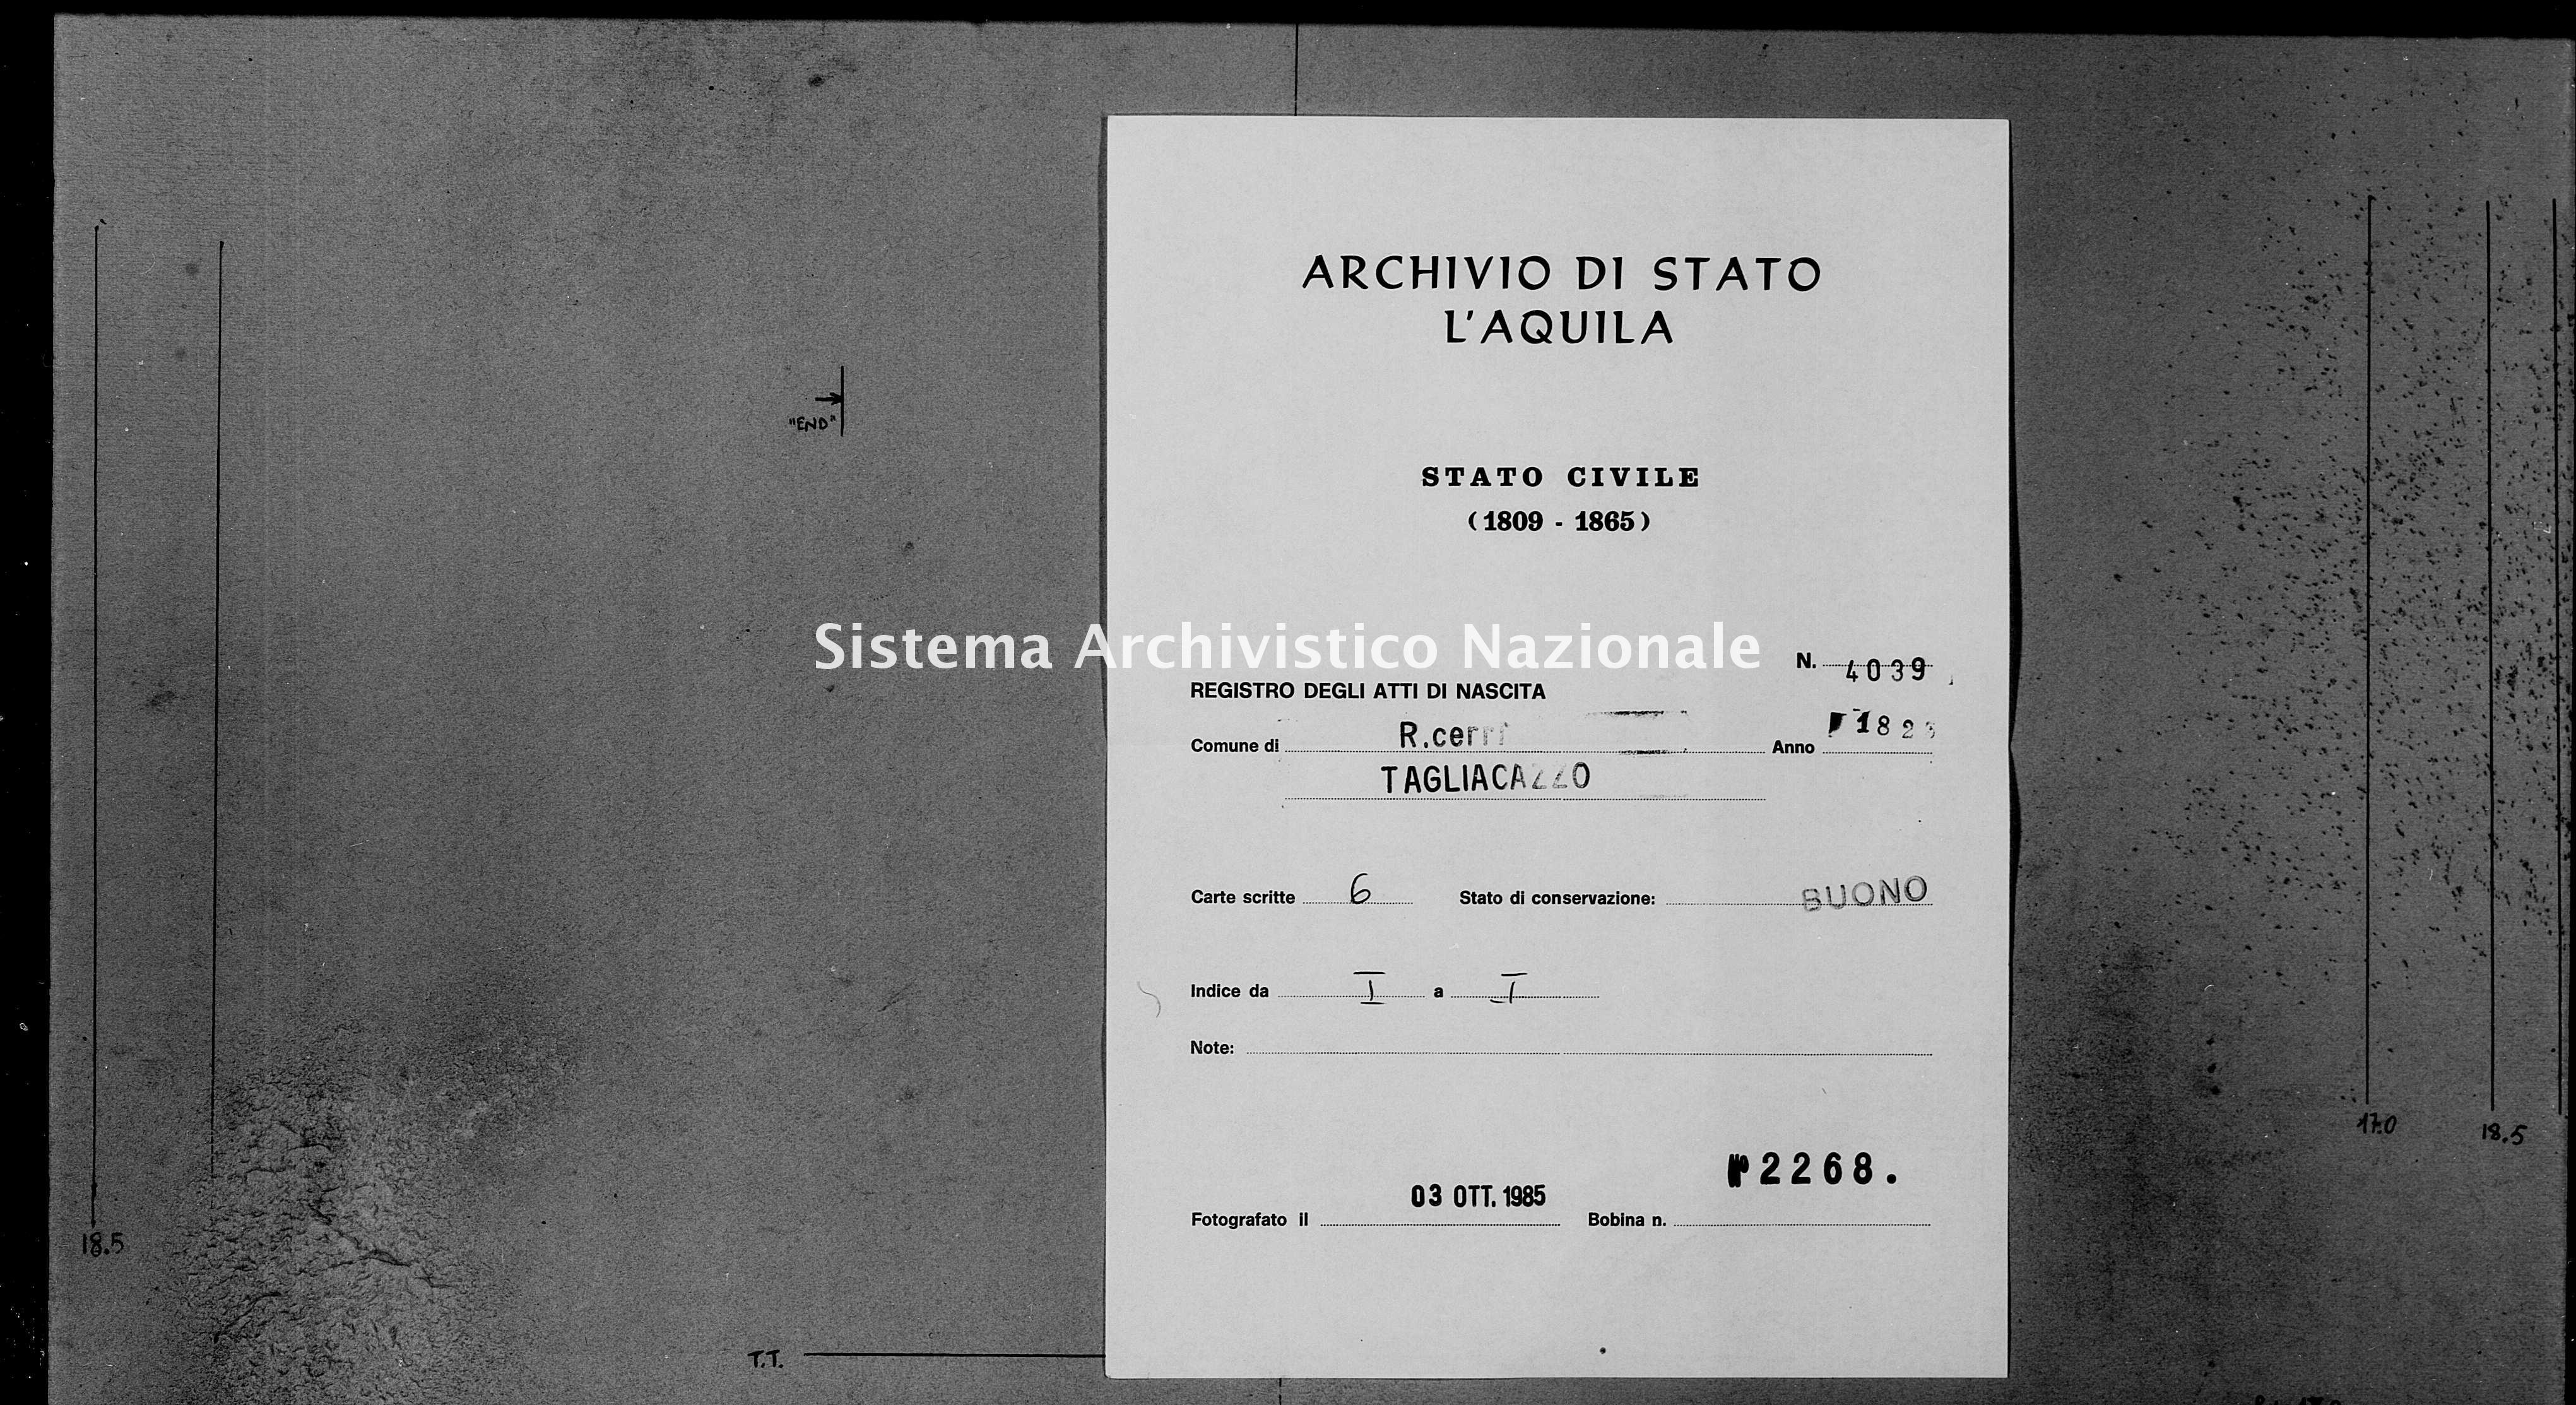 Archivio di stato di L'aquila - Stato civile della restaurazione - Roccacerro - Nati - 1823 - 4039 -